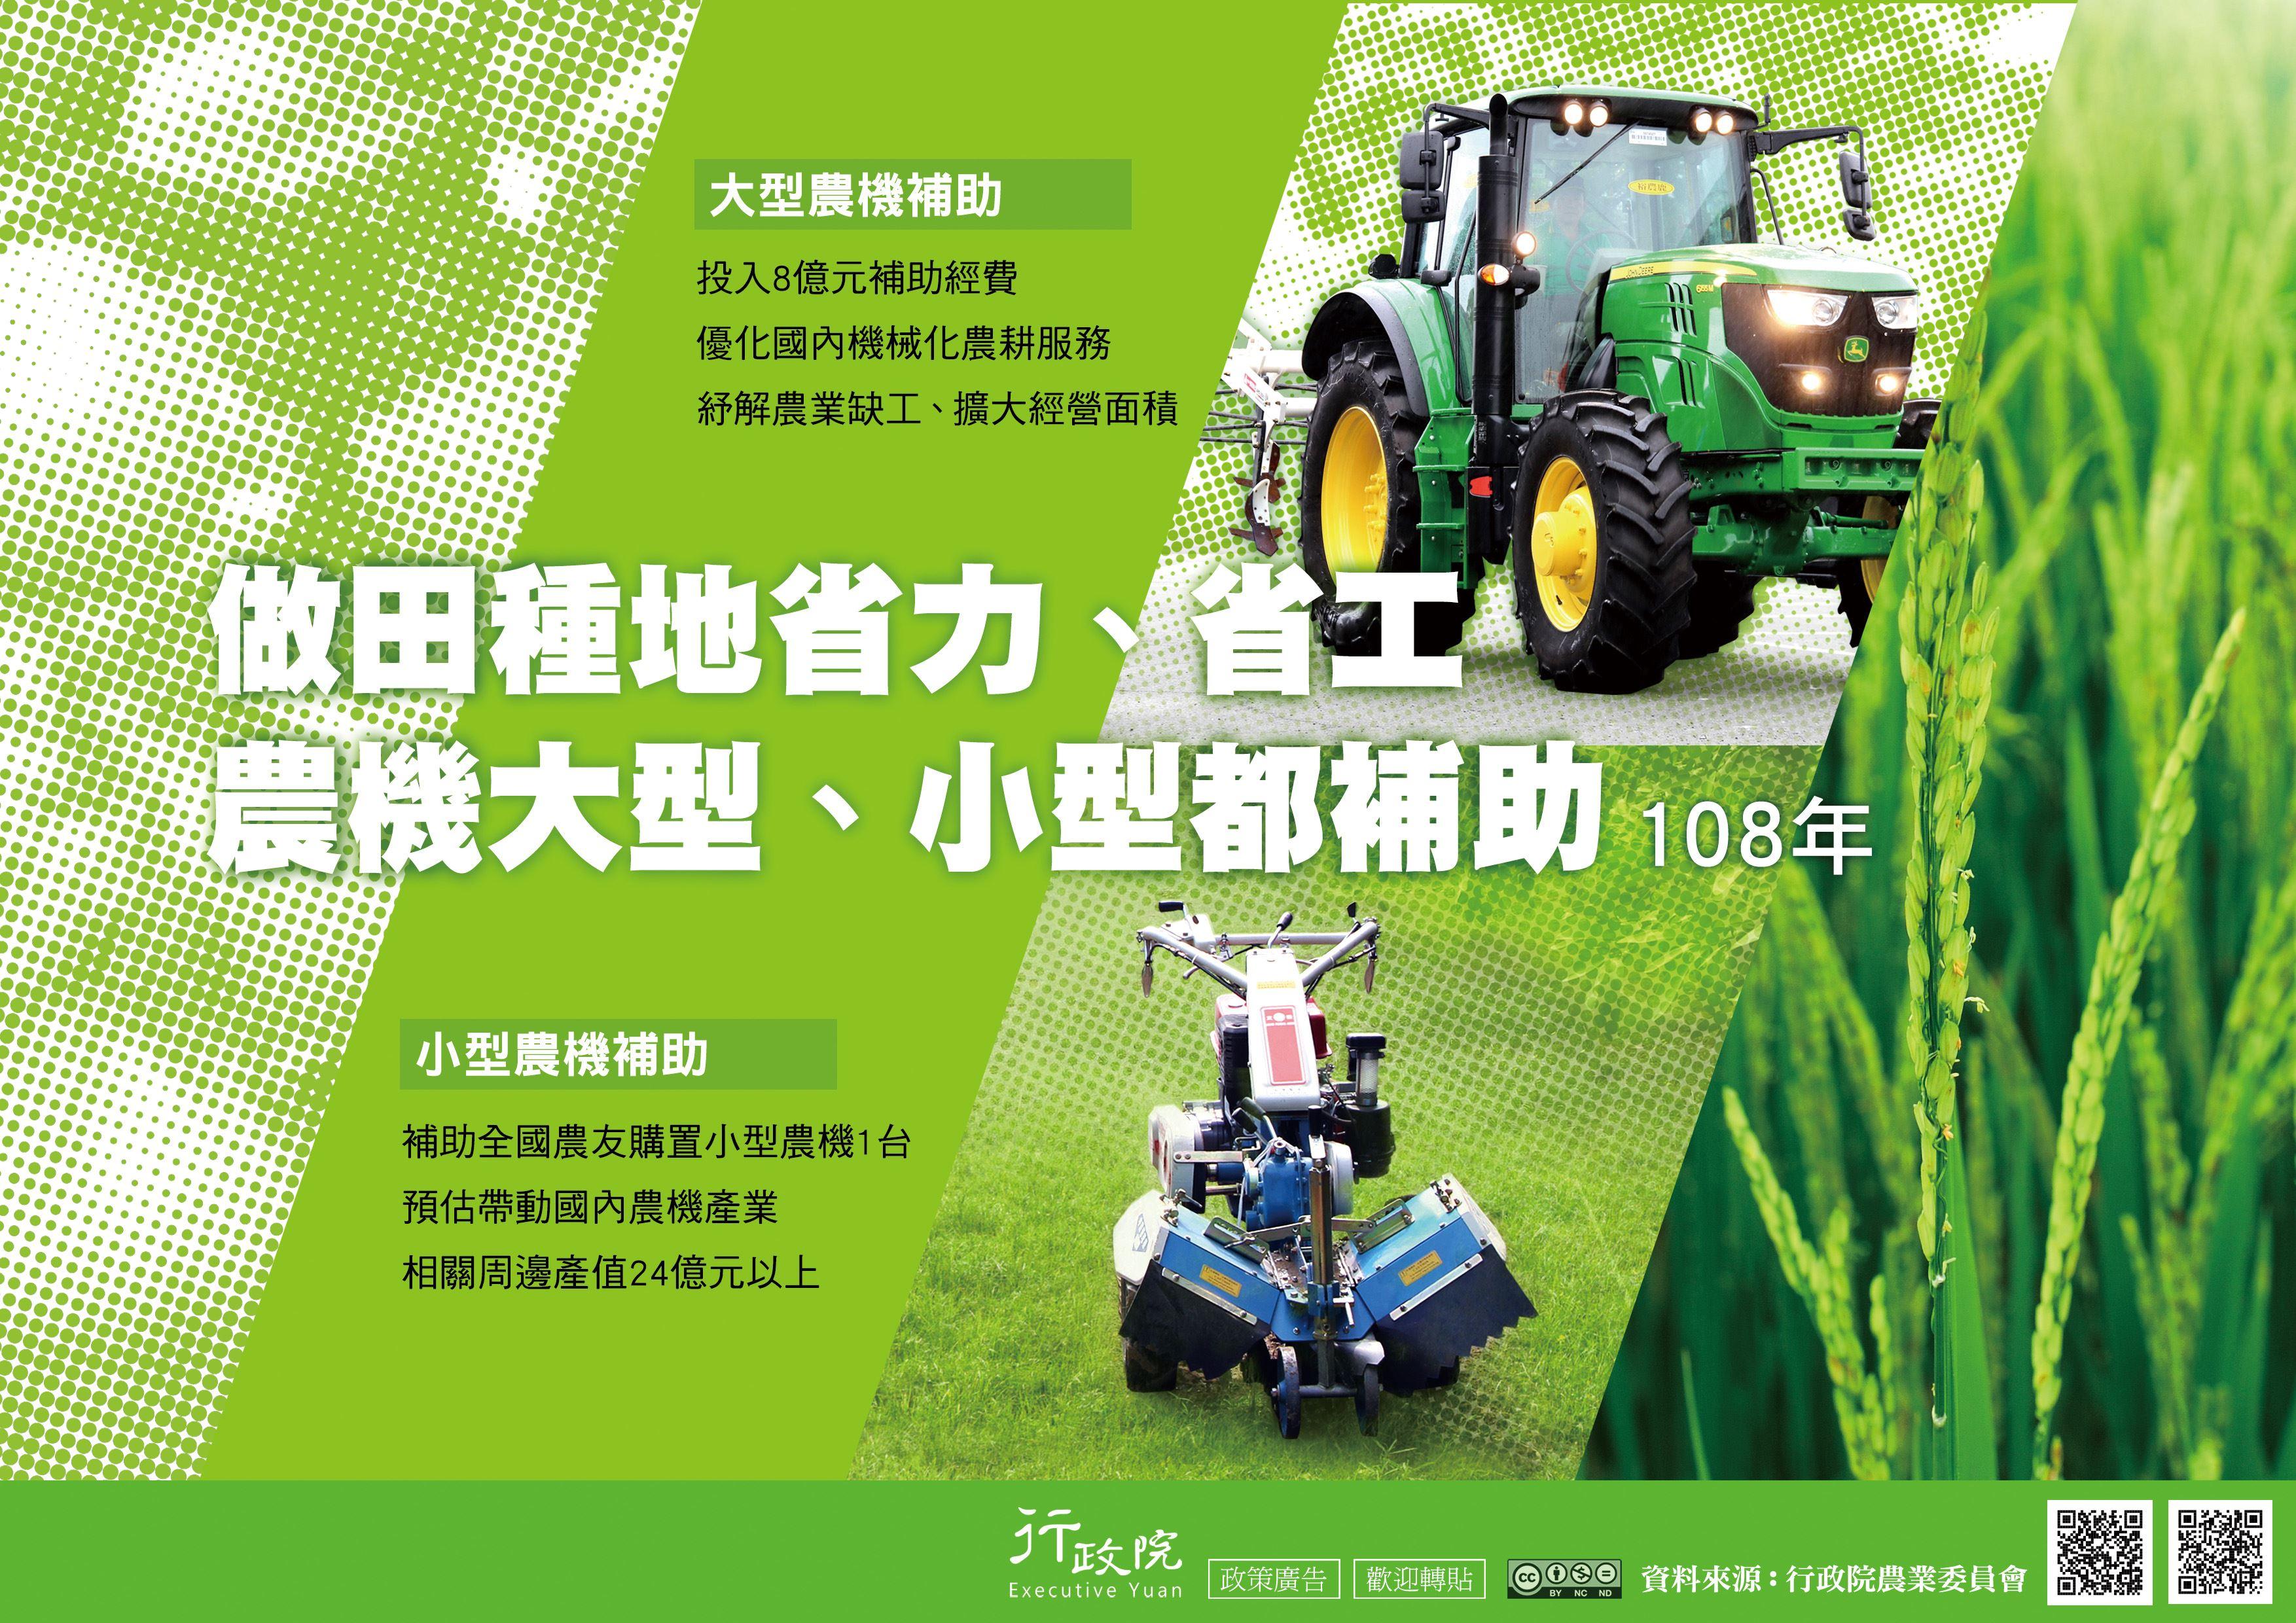 大小型農機具補助